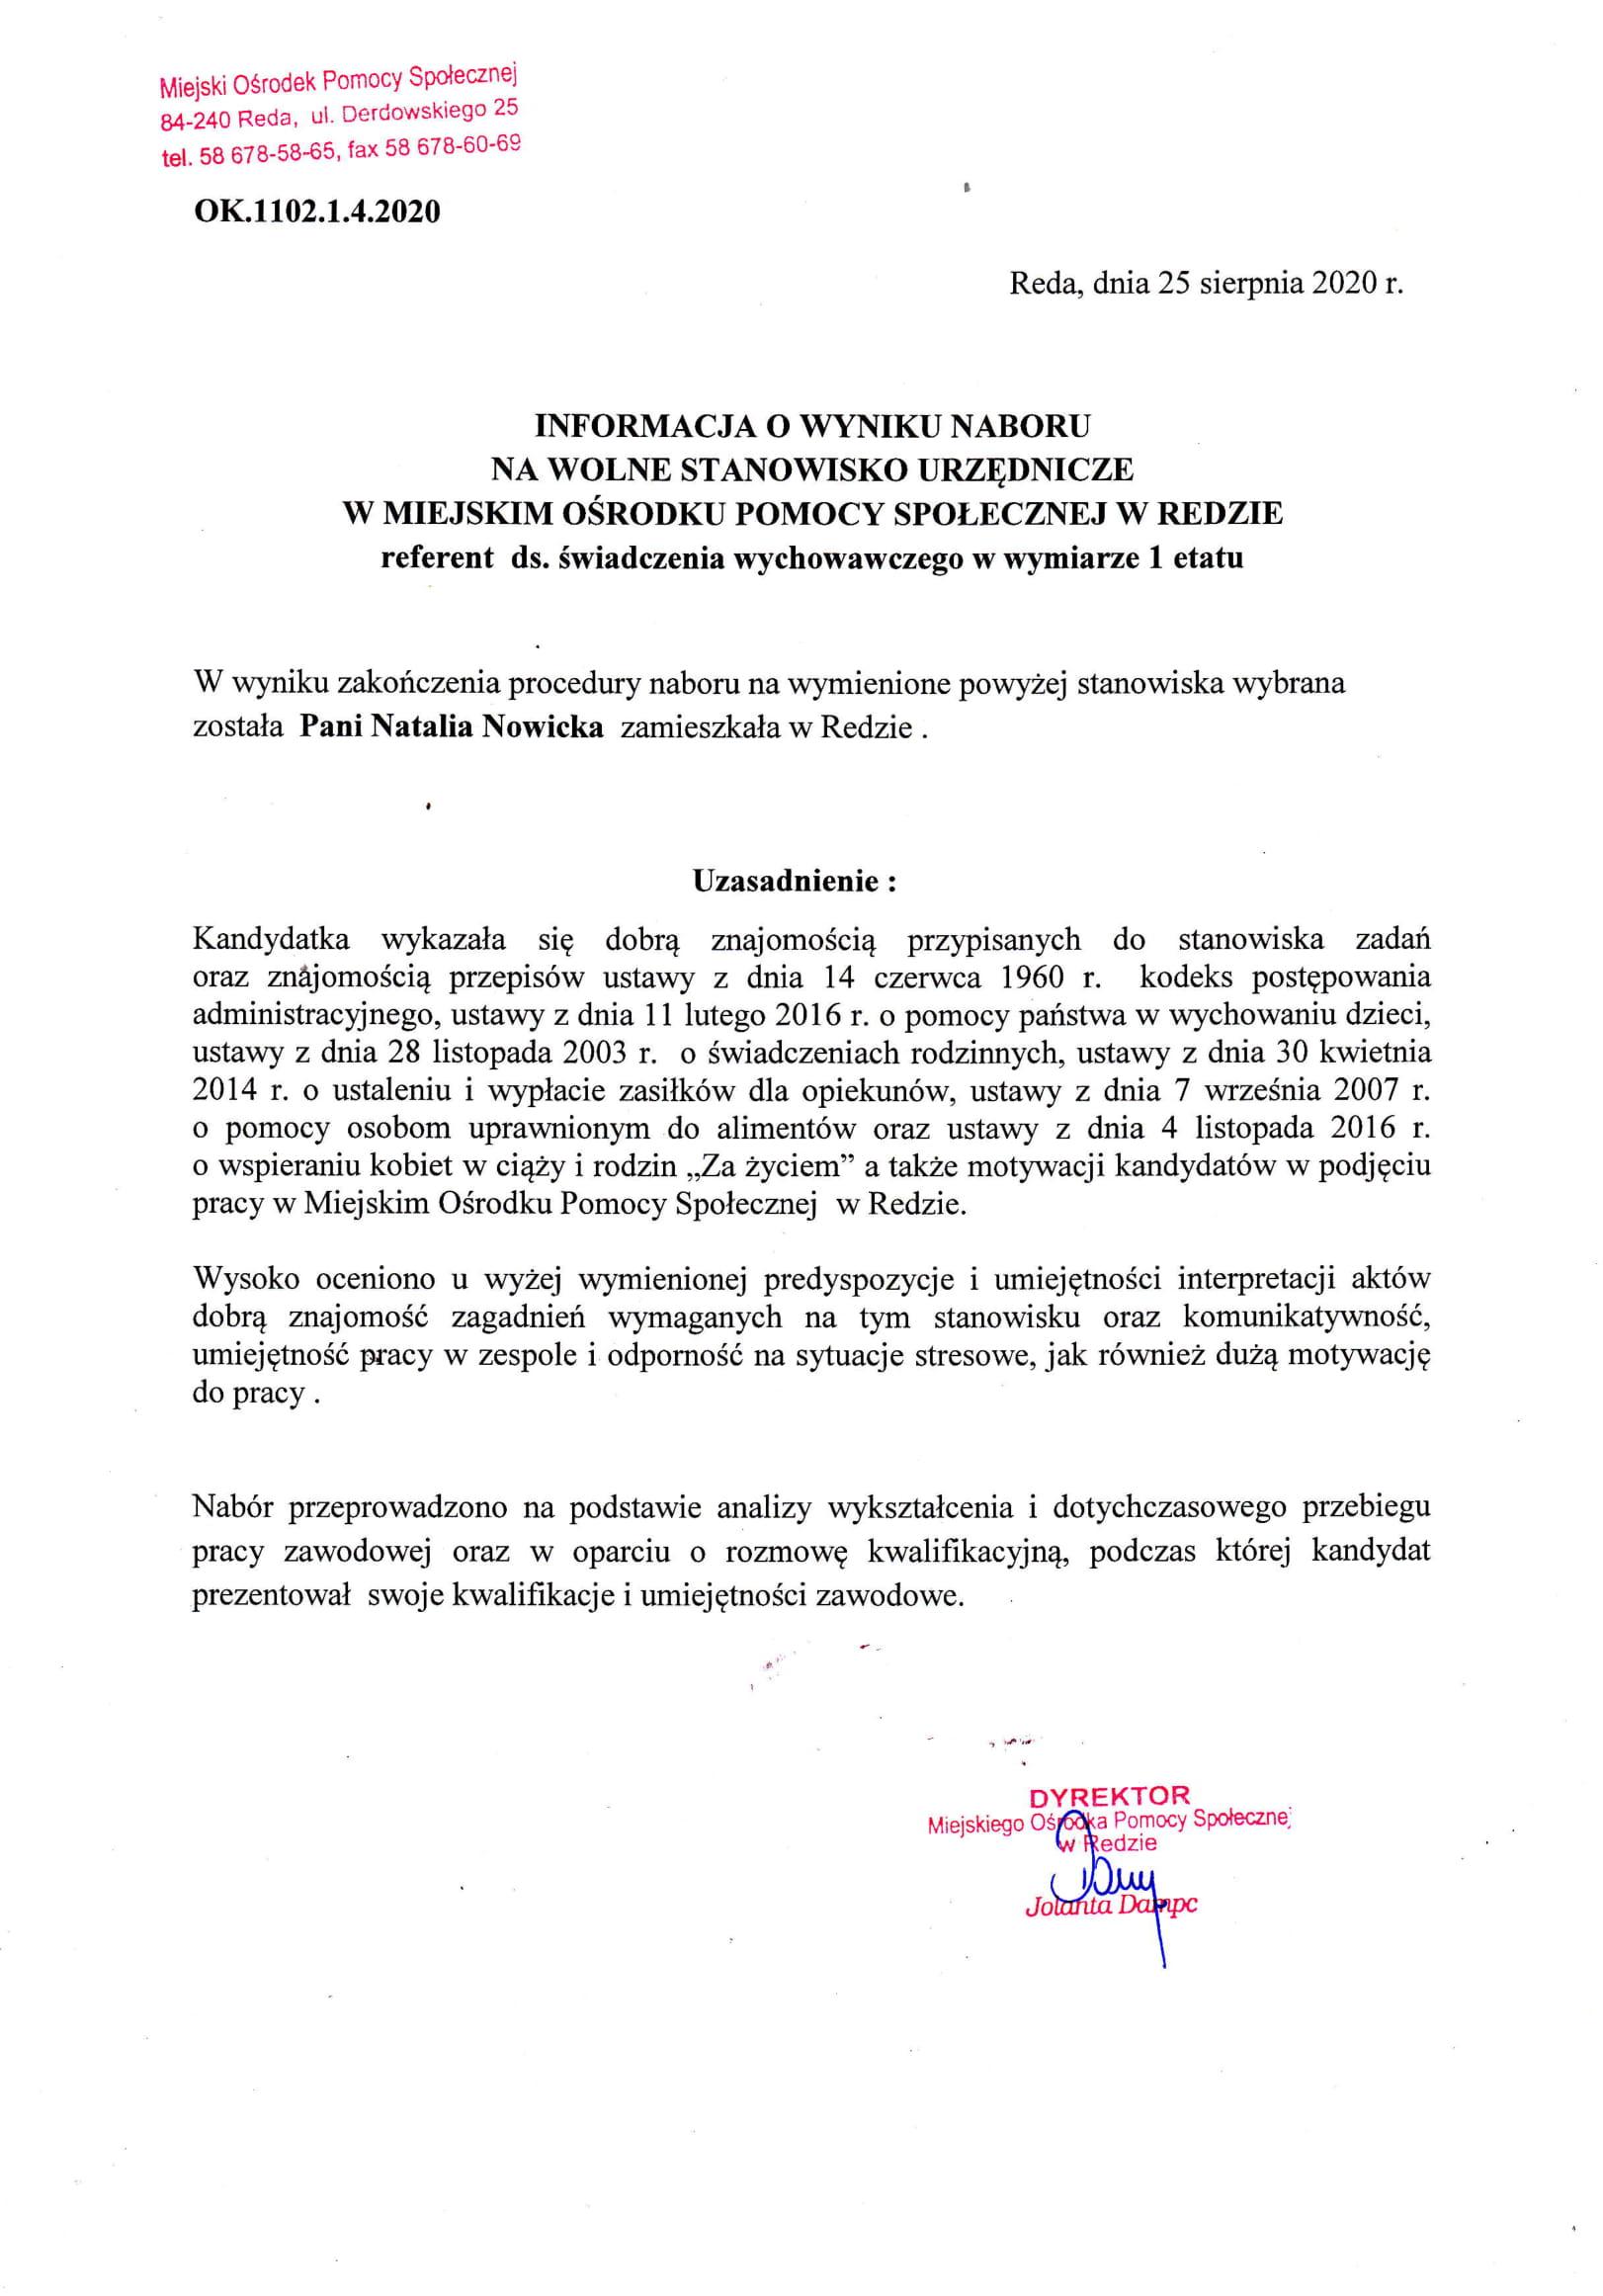 Informacja o wyniku naboru na stanowisko urzędnicze referent